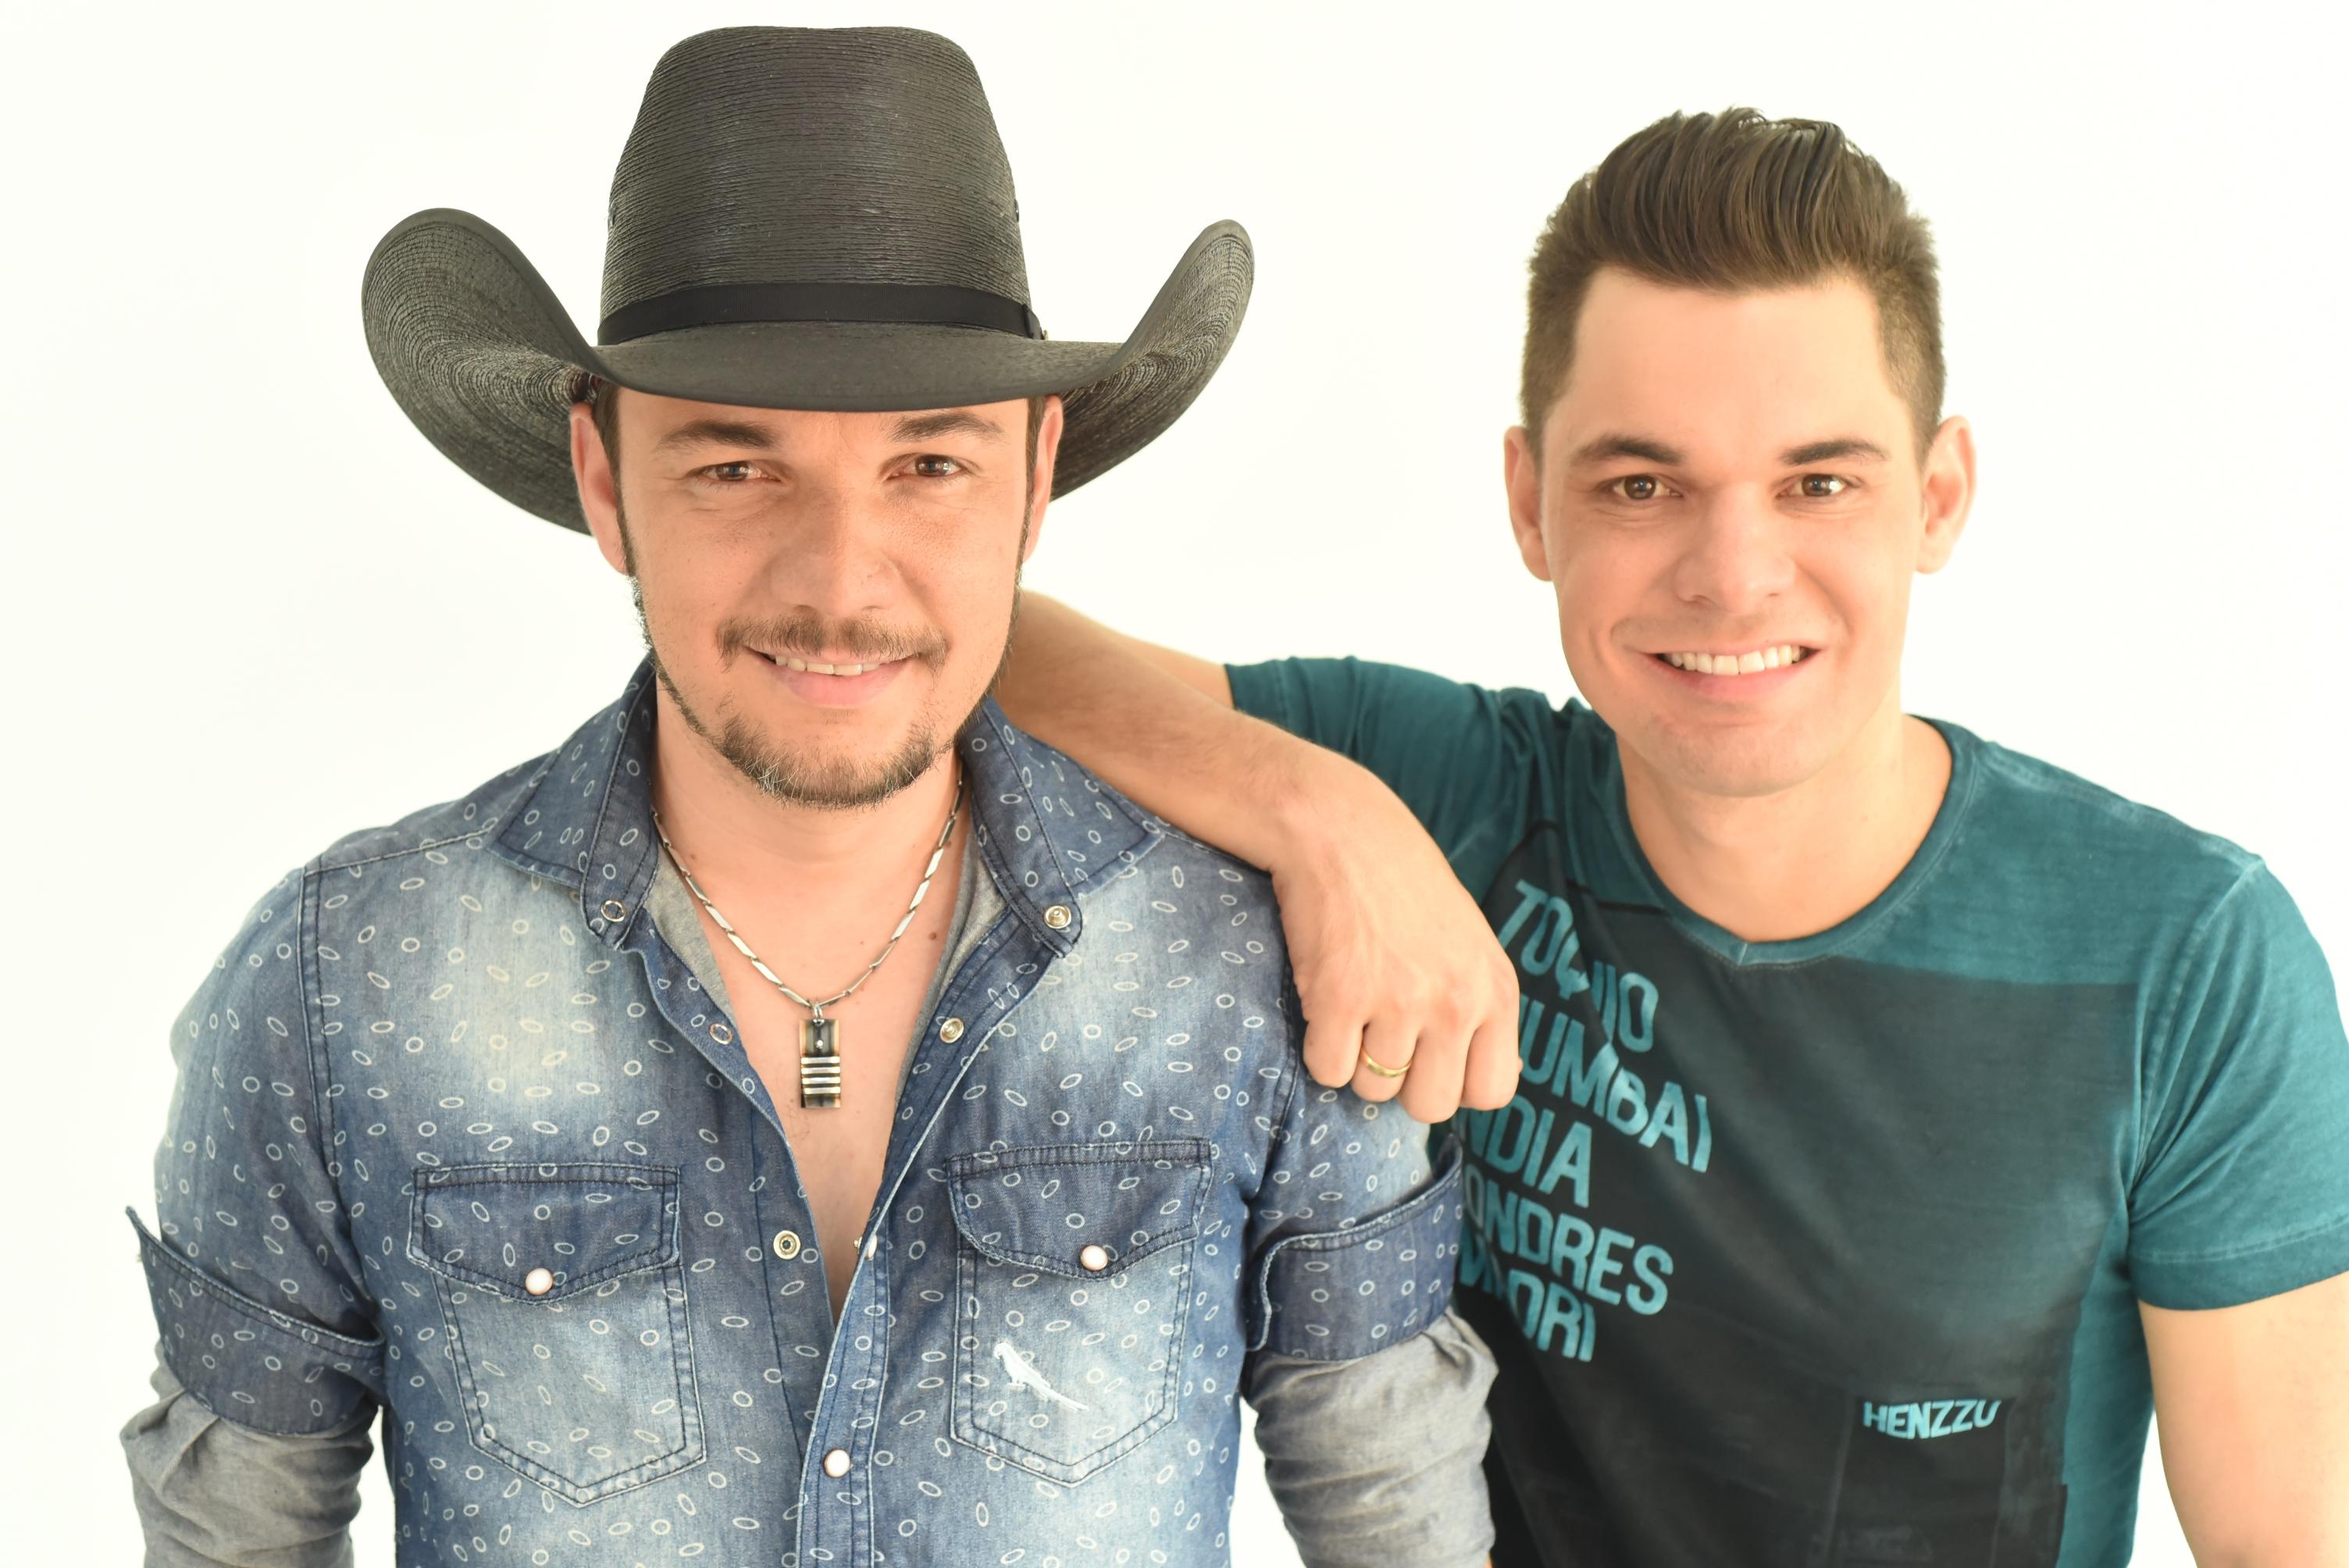 Em nova fase, Léo & Júnior lançam clipe cheio de irreverência